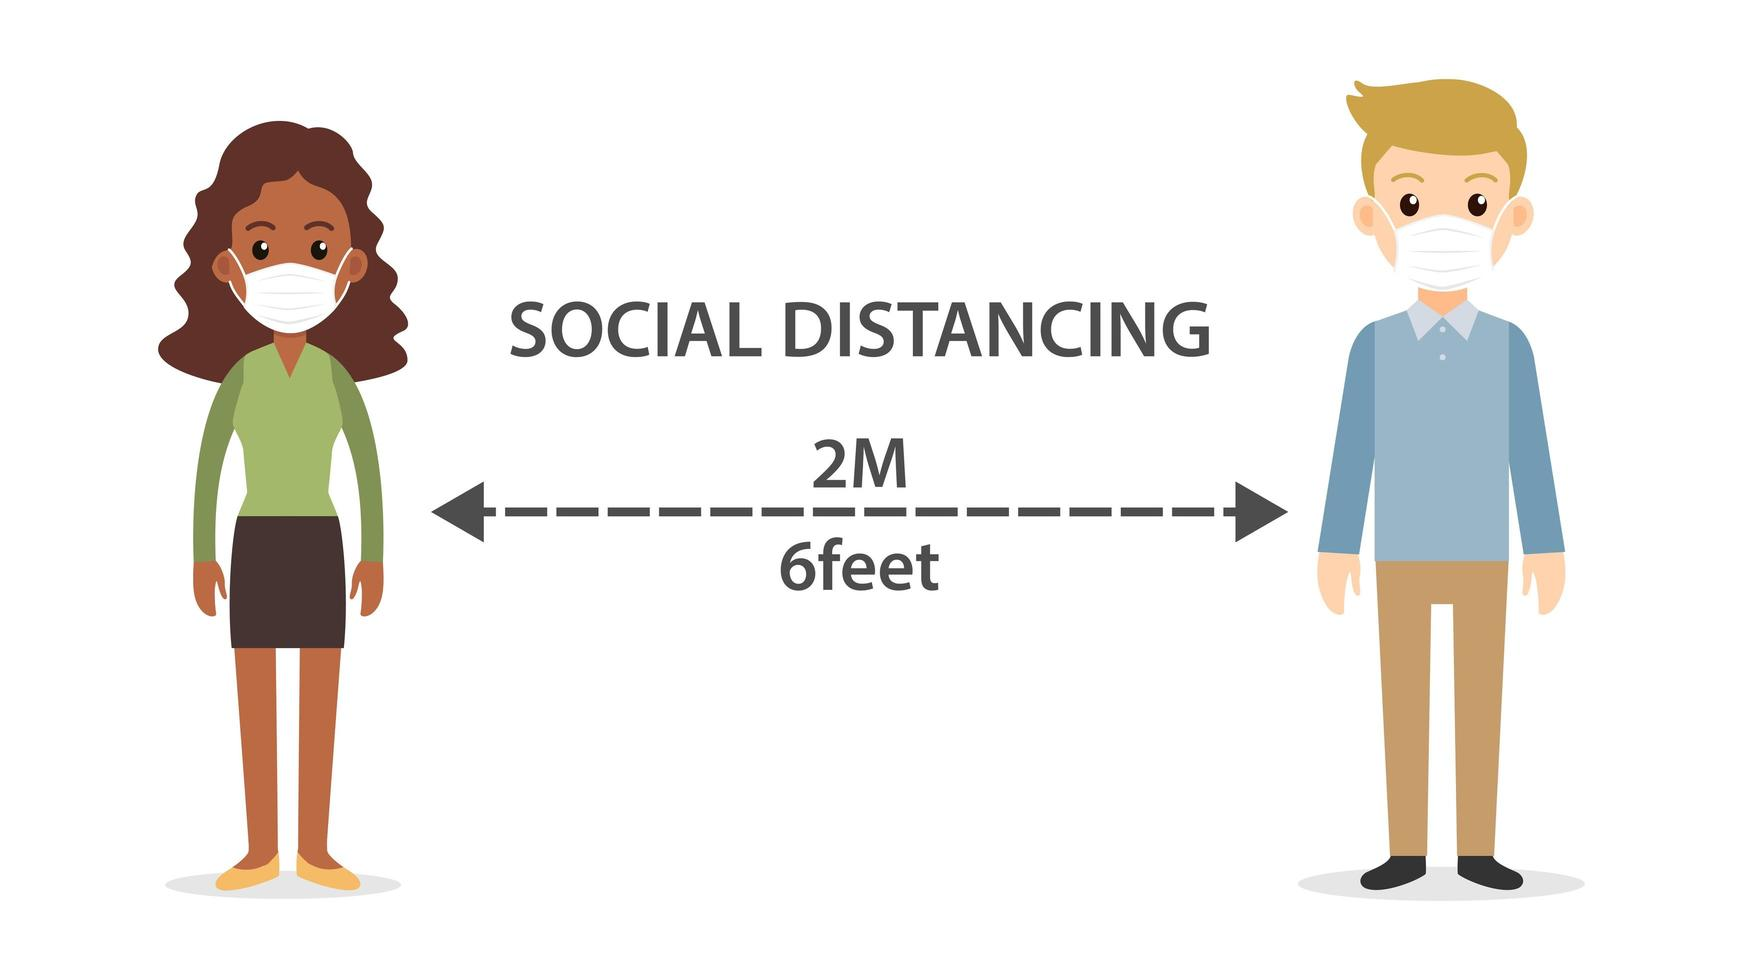 dessin animé distanciation sociale féminine et masculine vecteur